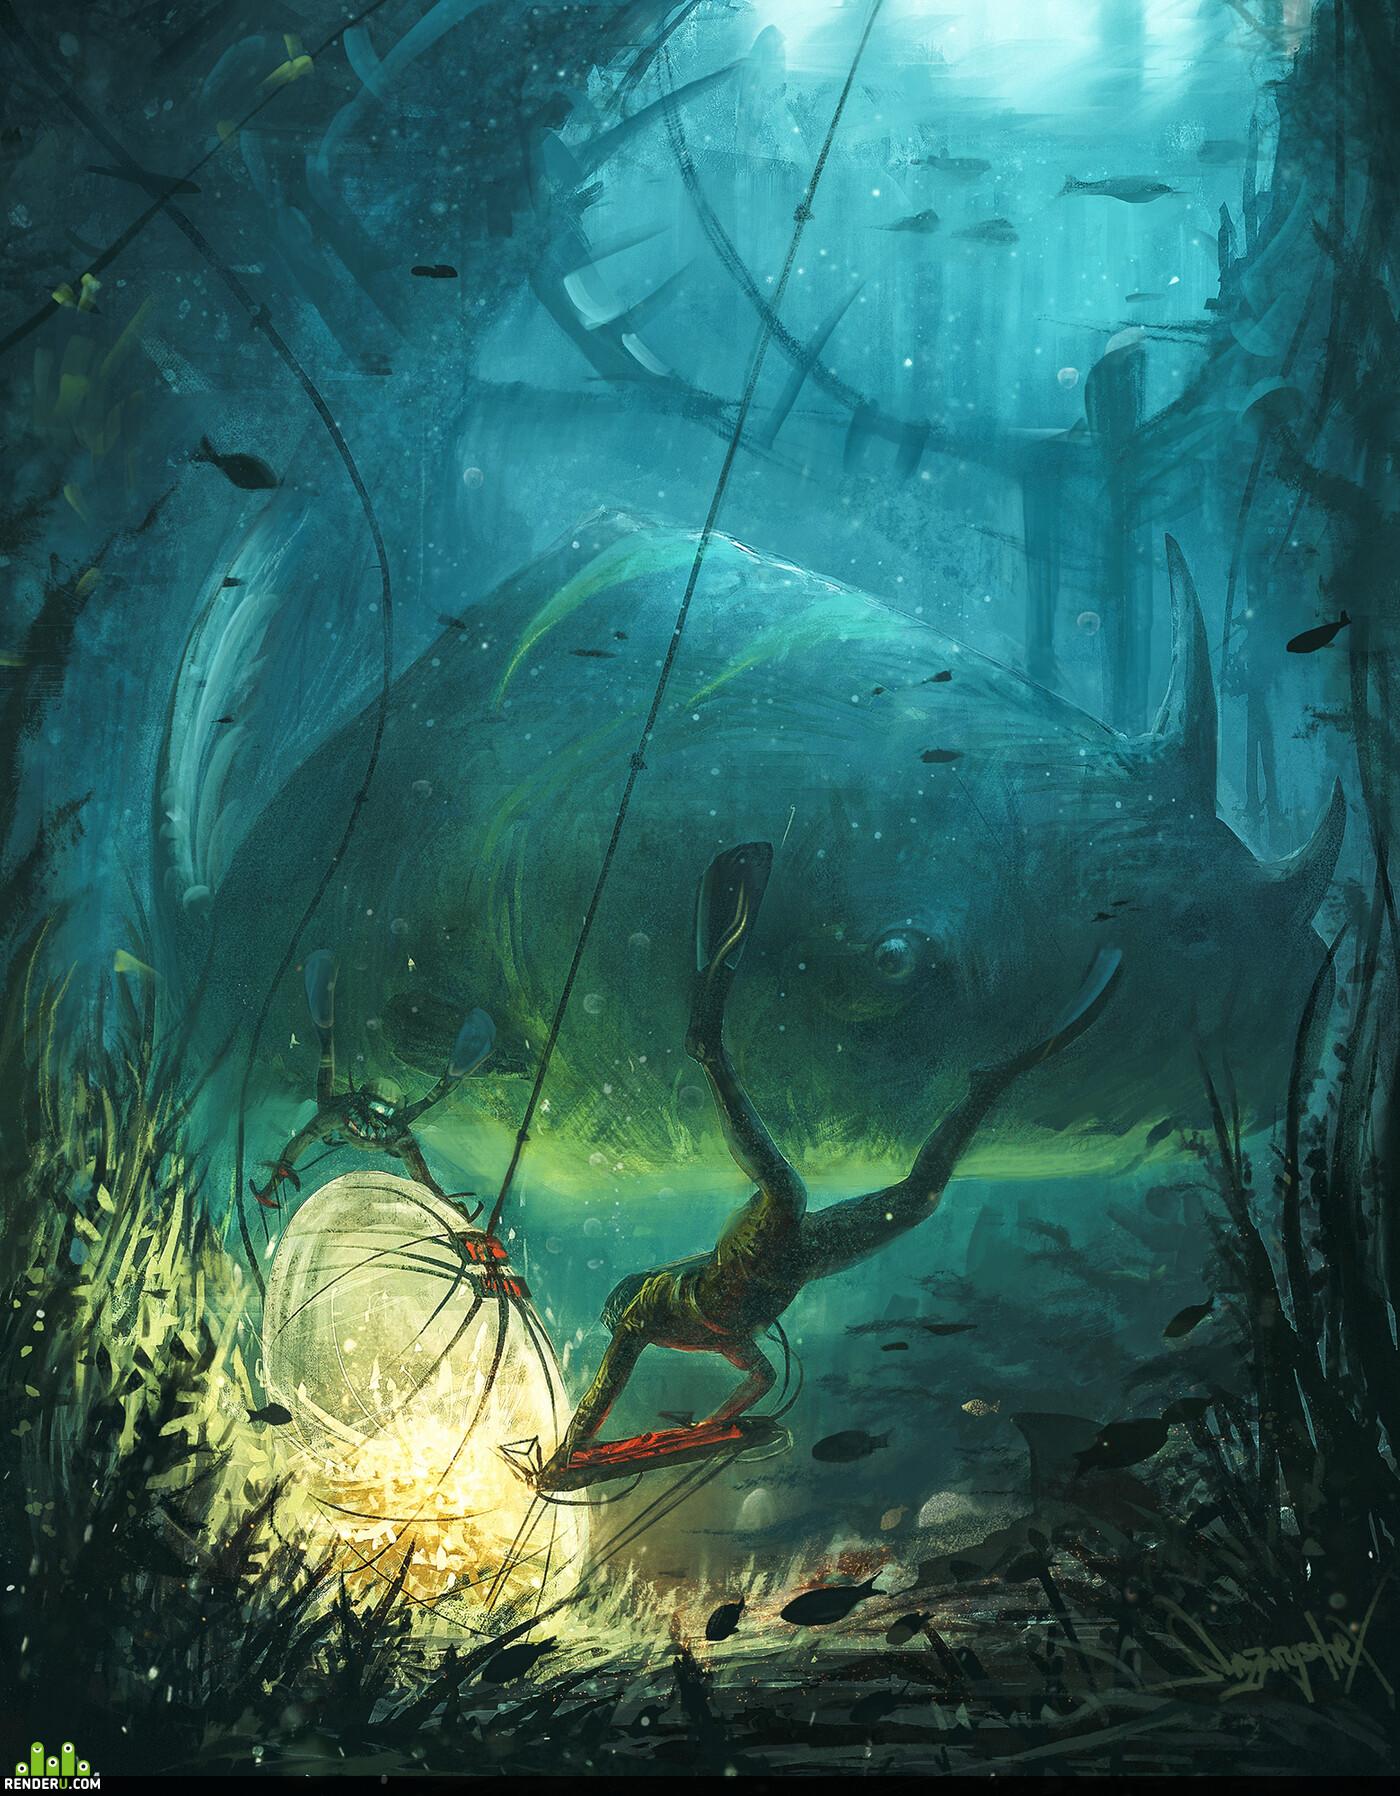 окружение, Концепт-арт, подводный мир, рыба, создание, водолаз, яйцо, икра